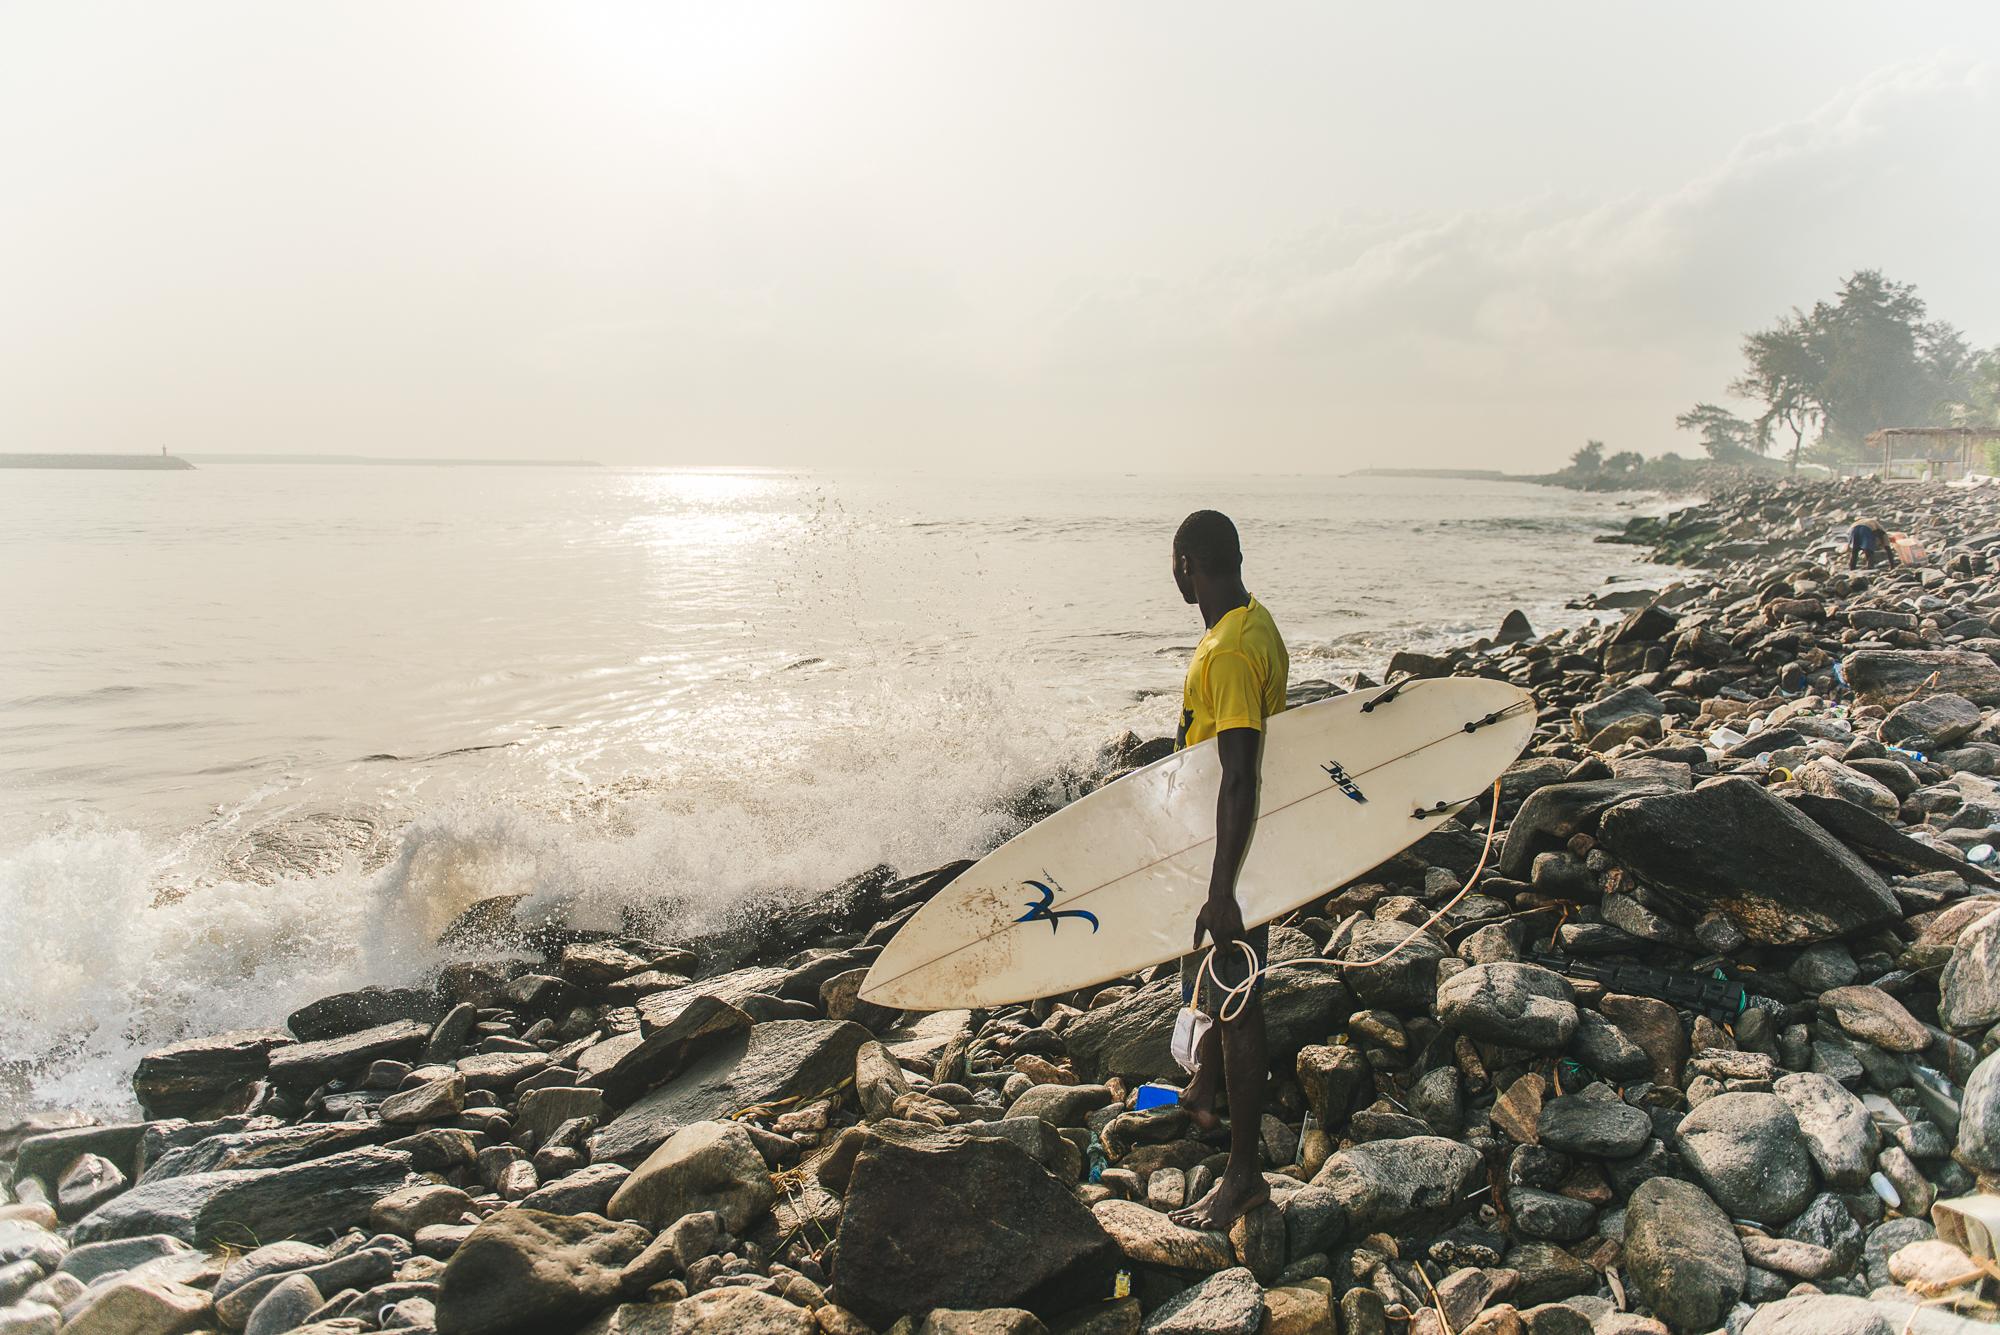 LAGOS 24-Godspower - Tarkwa Bay.jpg